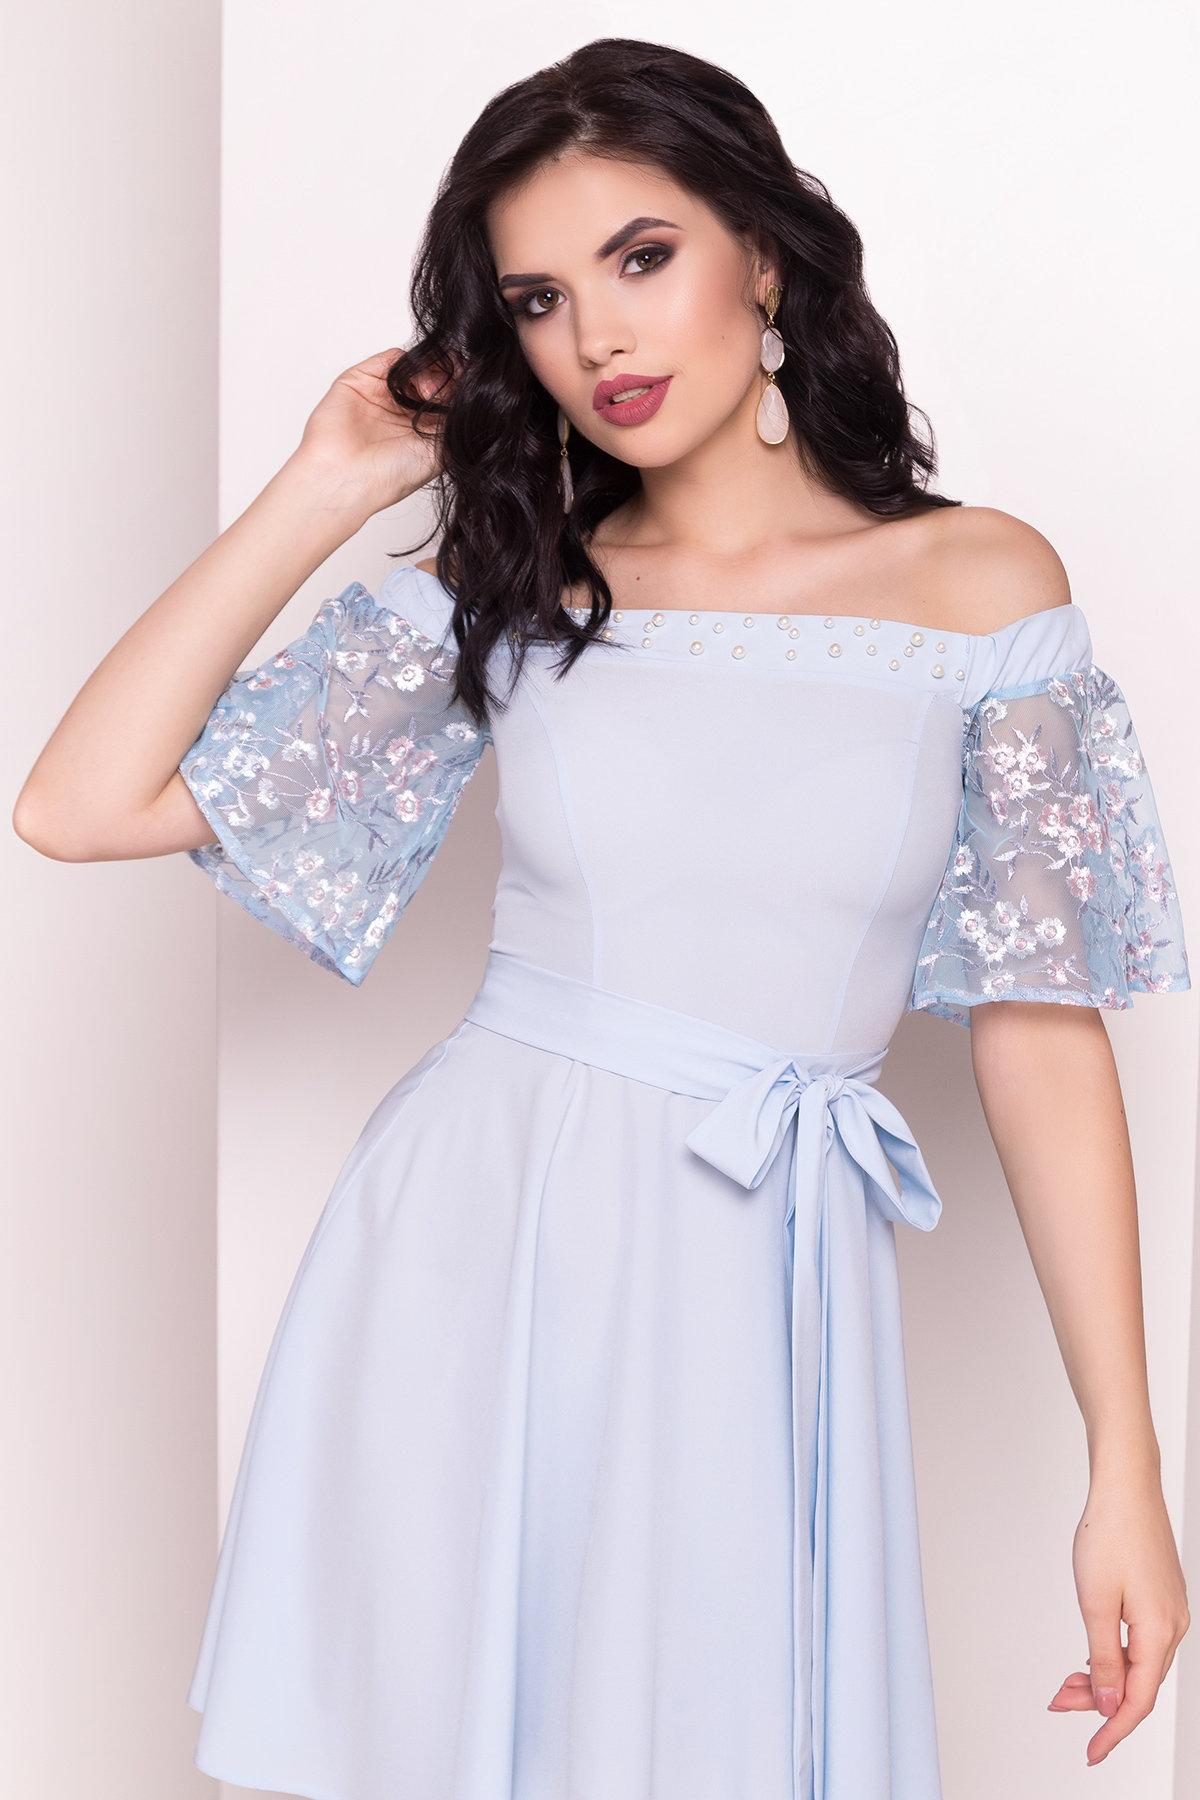 Платье Минхо 4958 АРТ. 35097 Цвет: Голубой - фото 2, интернет магазин tm-modus.ru